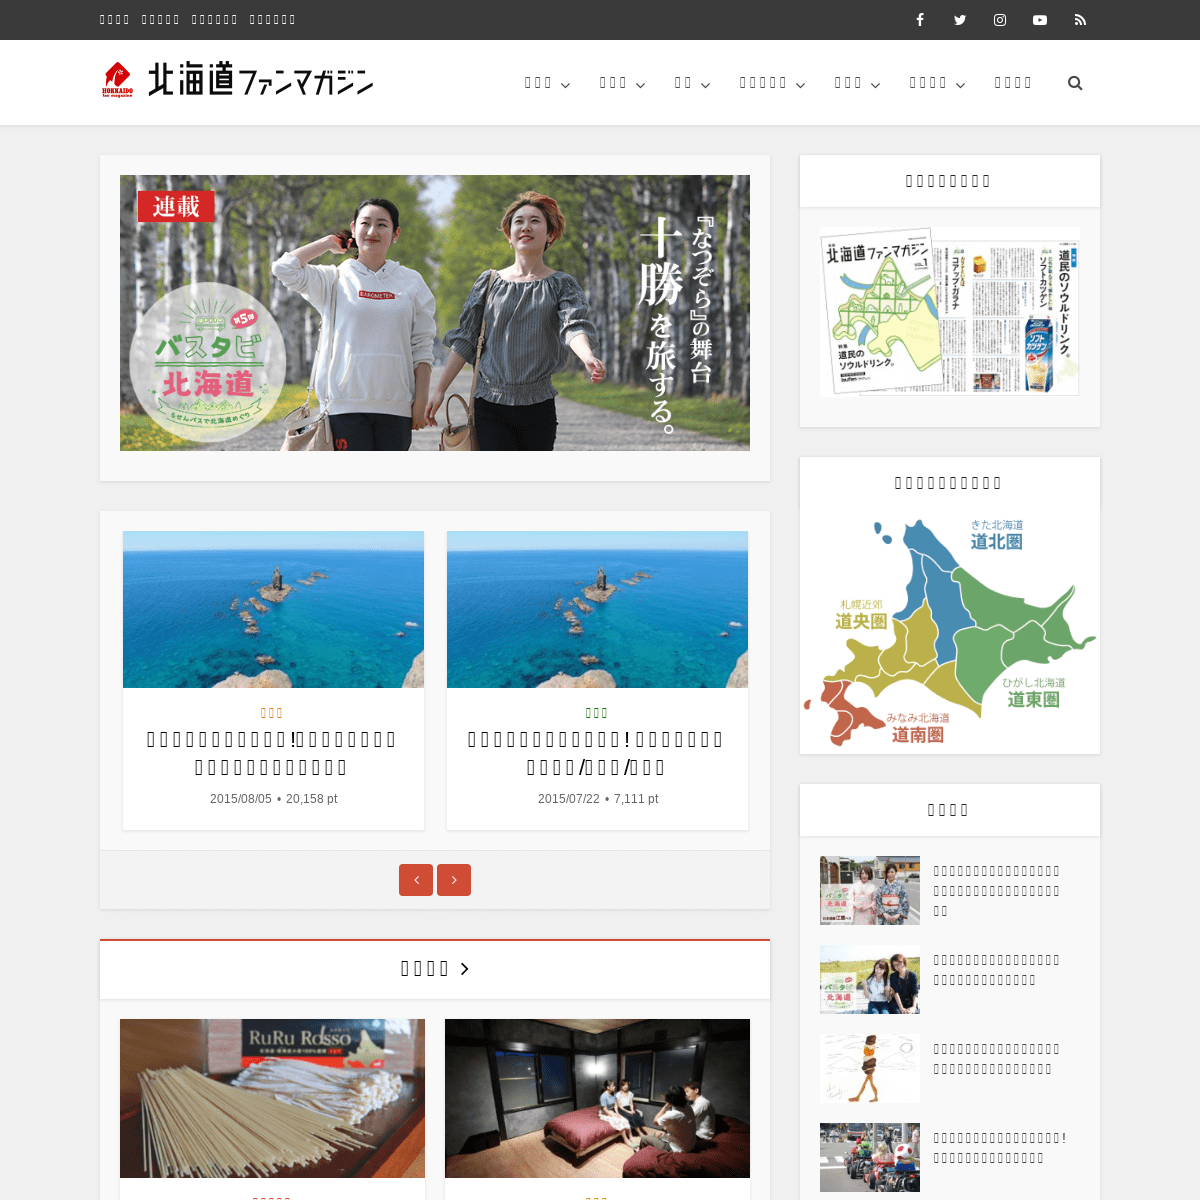 ArchiveBay.com - pucchi.net - 北海道ファンマガジン [ファンマガ] – 北海道をディープに学ぶ・旅する観光メディア